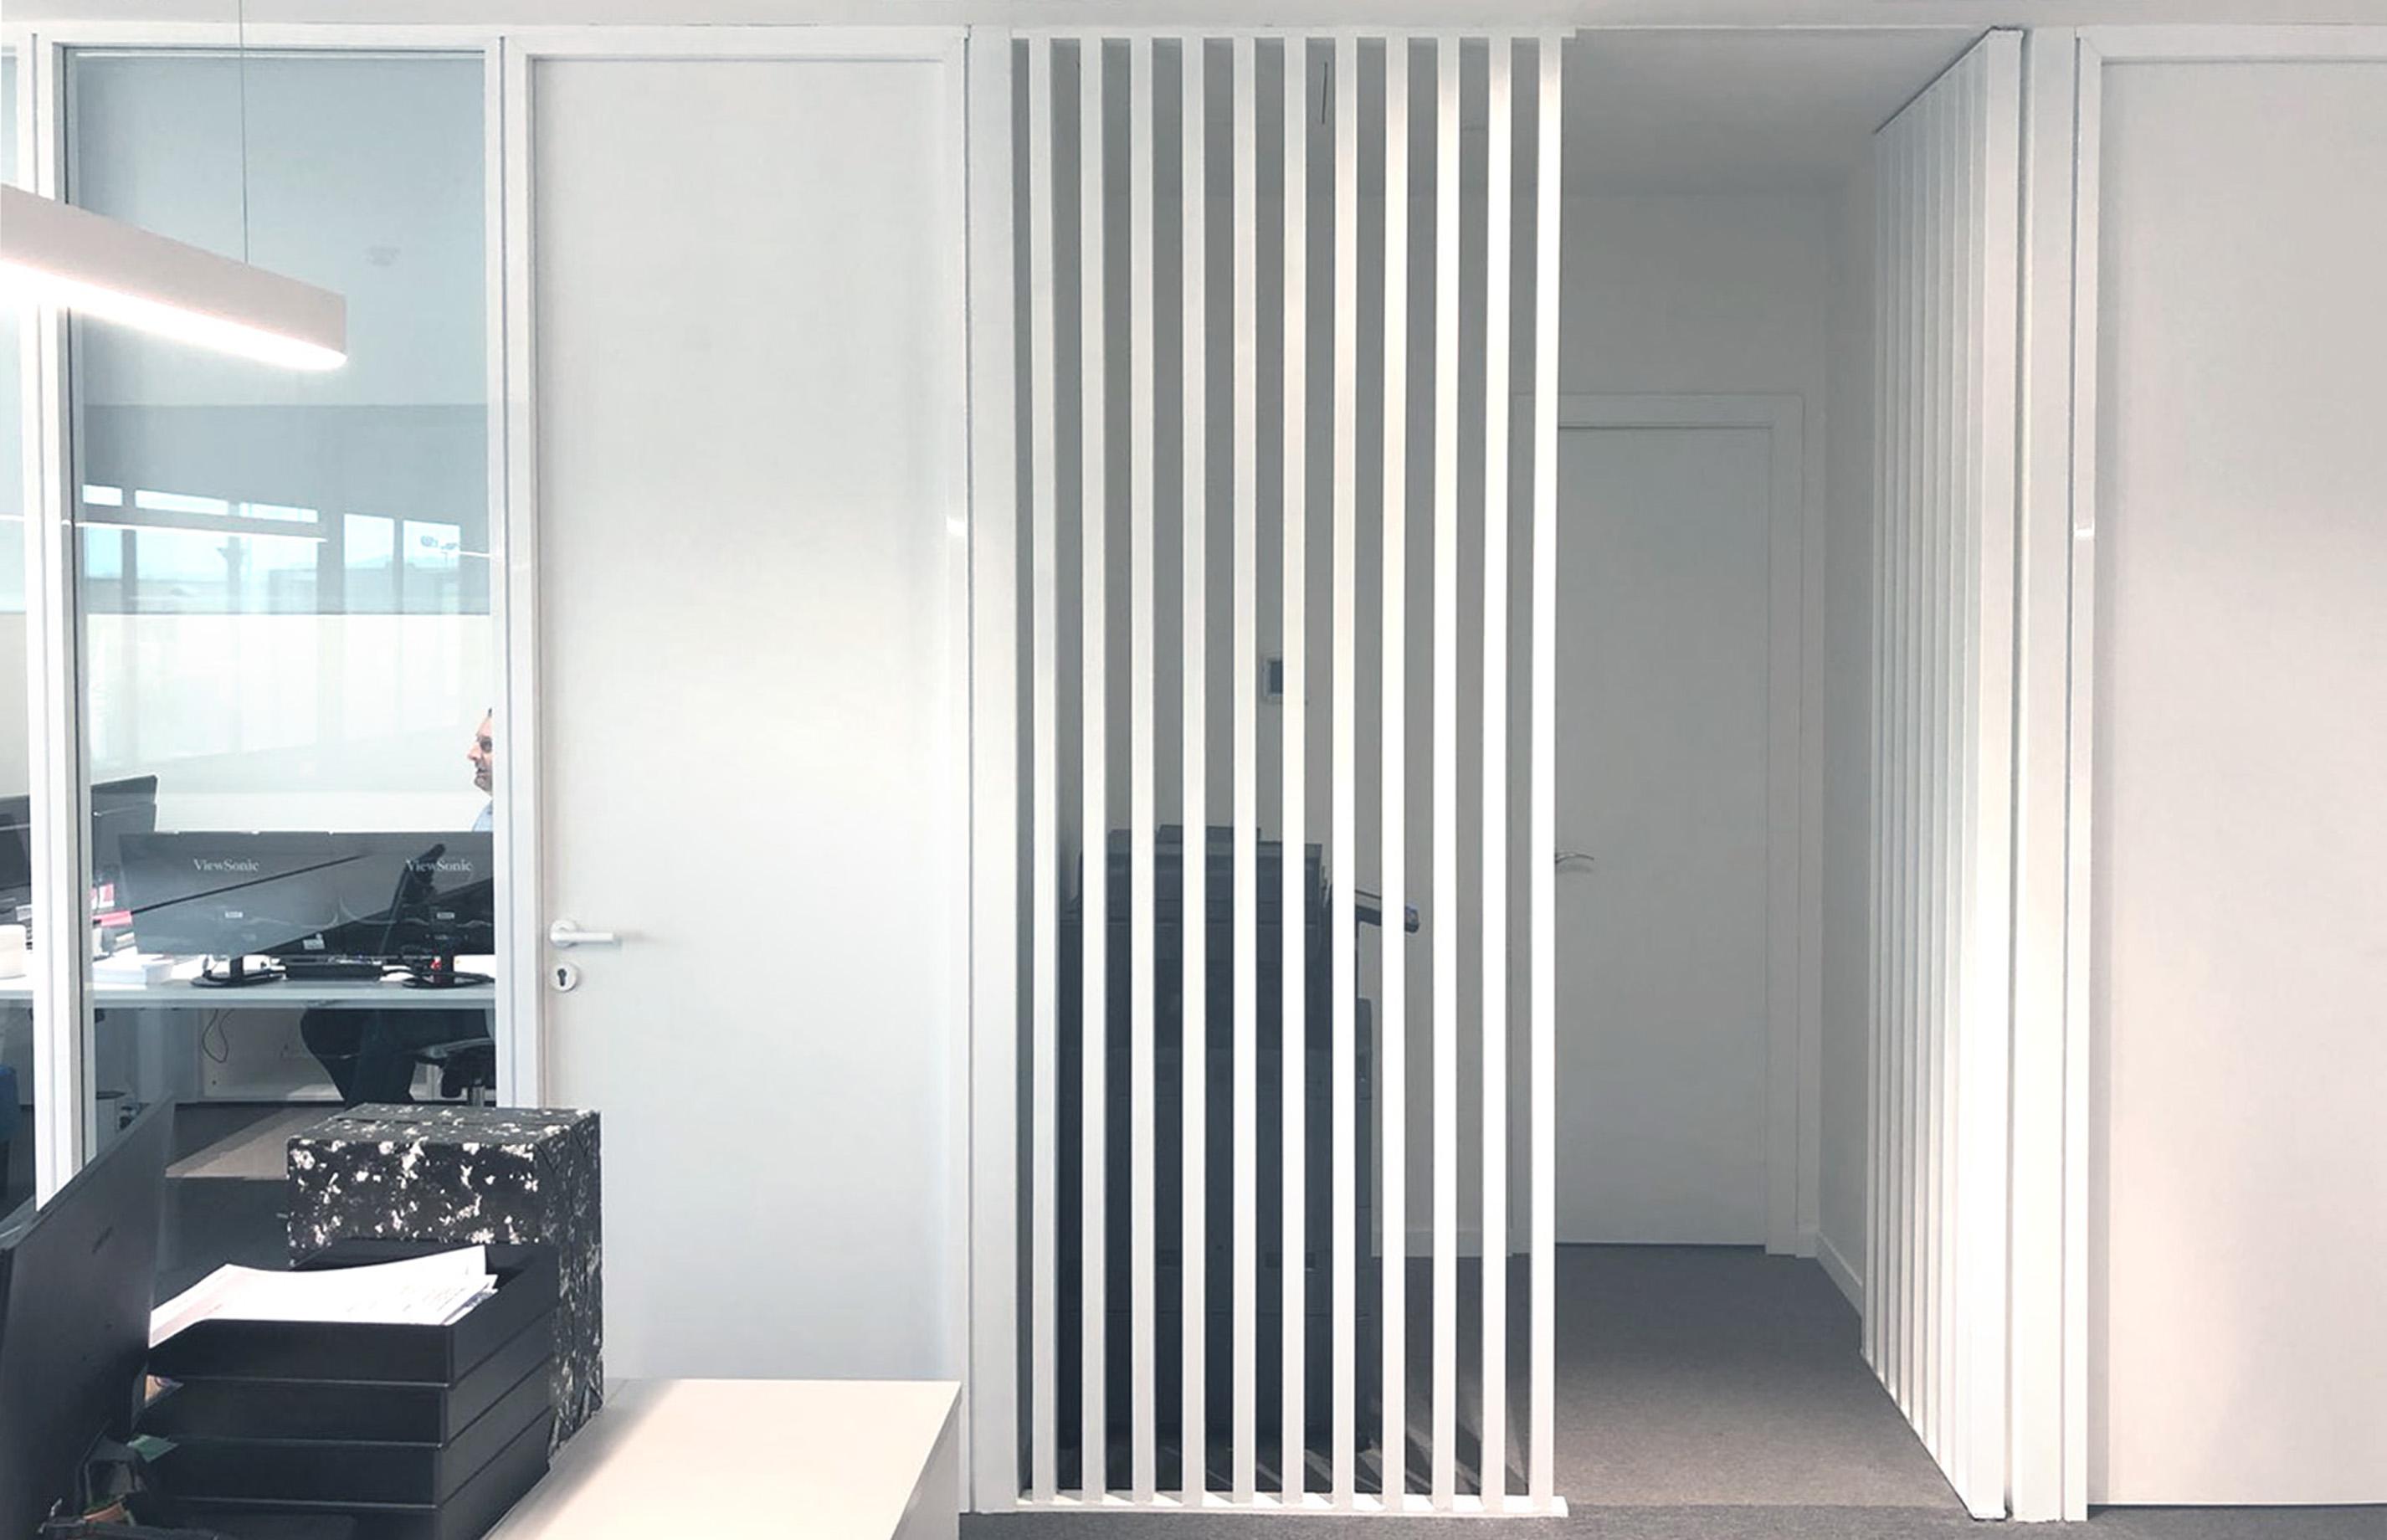 sicraa arquitectura instronic (5)